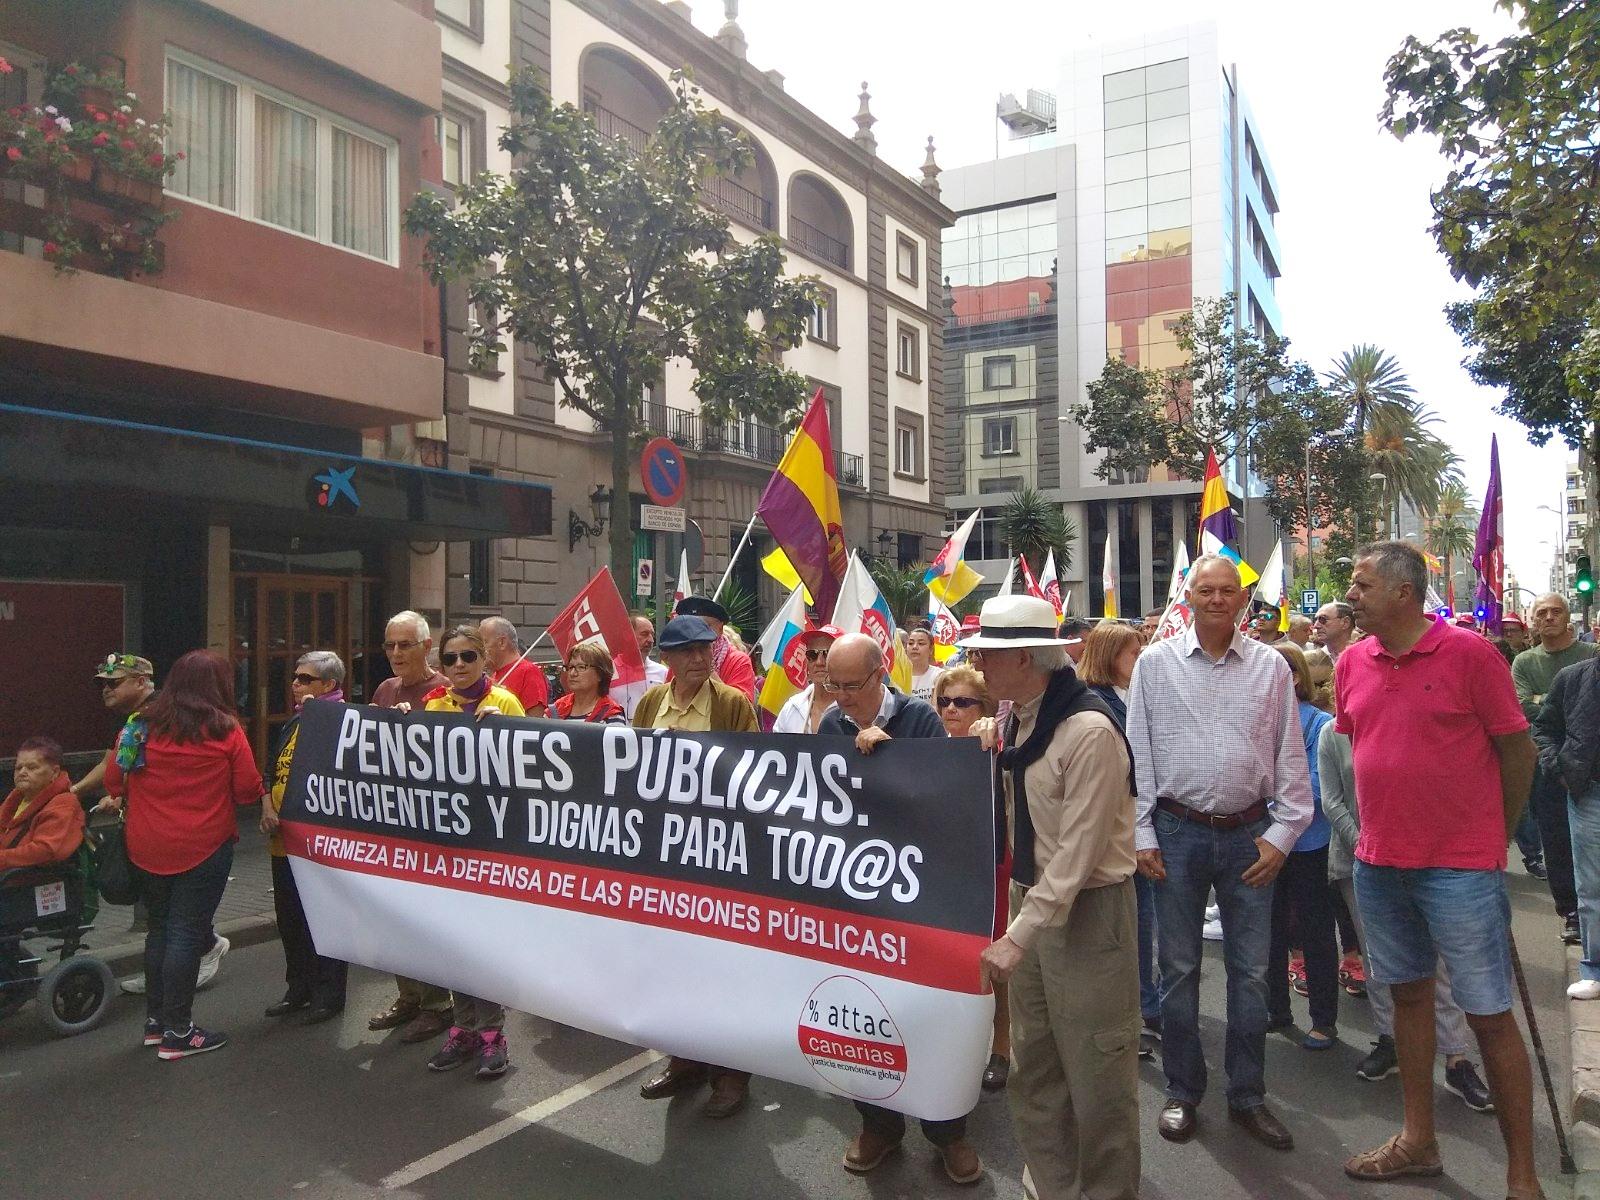 Manifestación por unas pensiones dignas en Las Palmas de Gran Canaria. / UGT